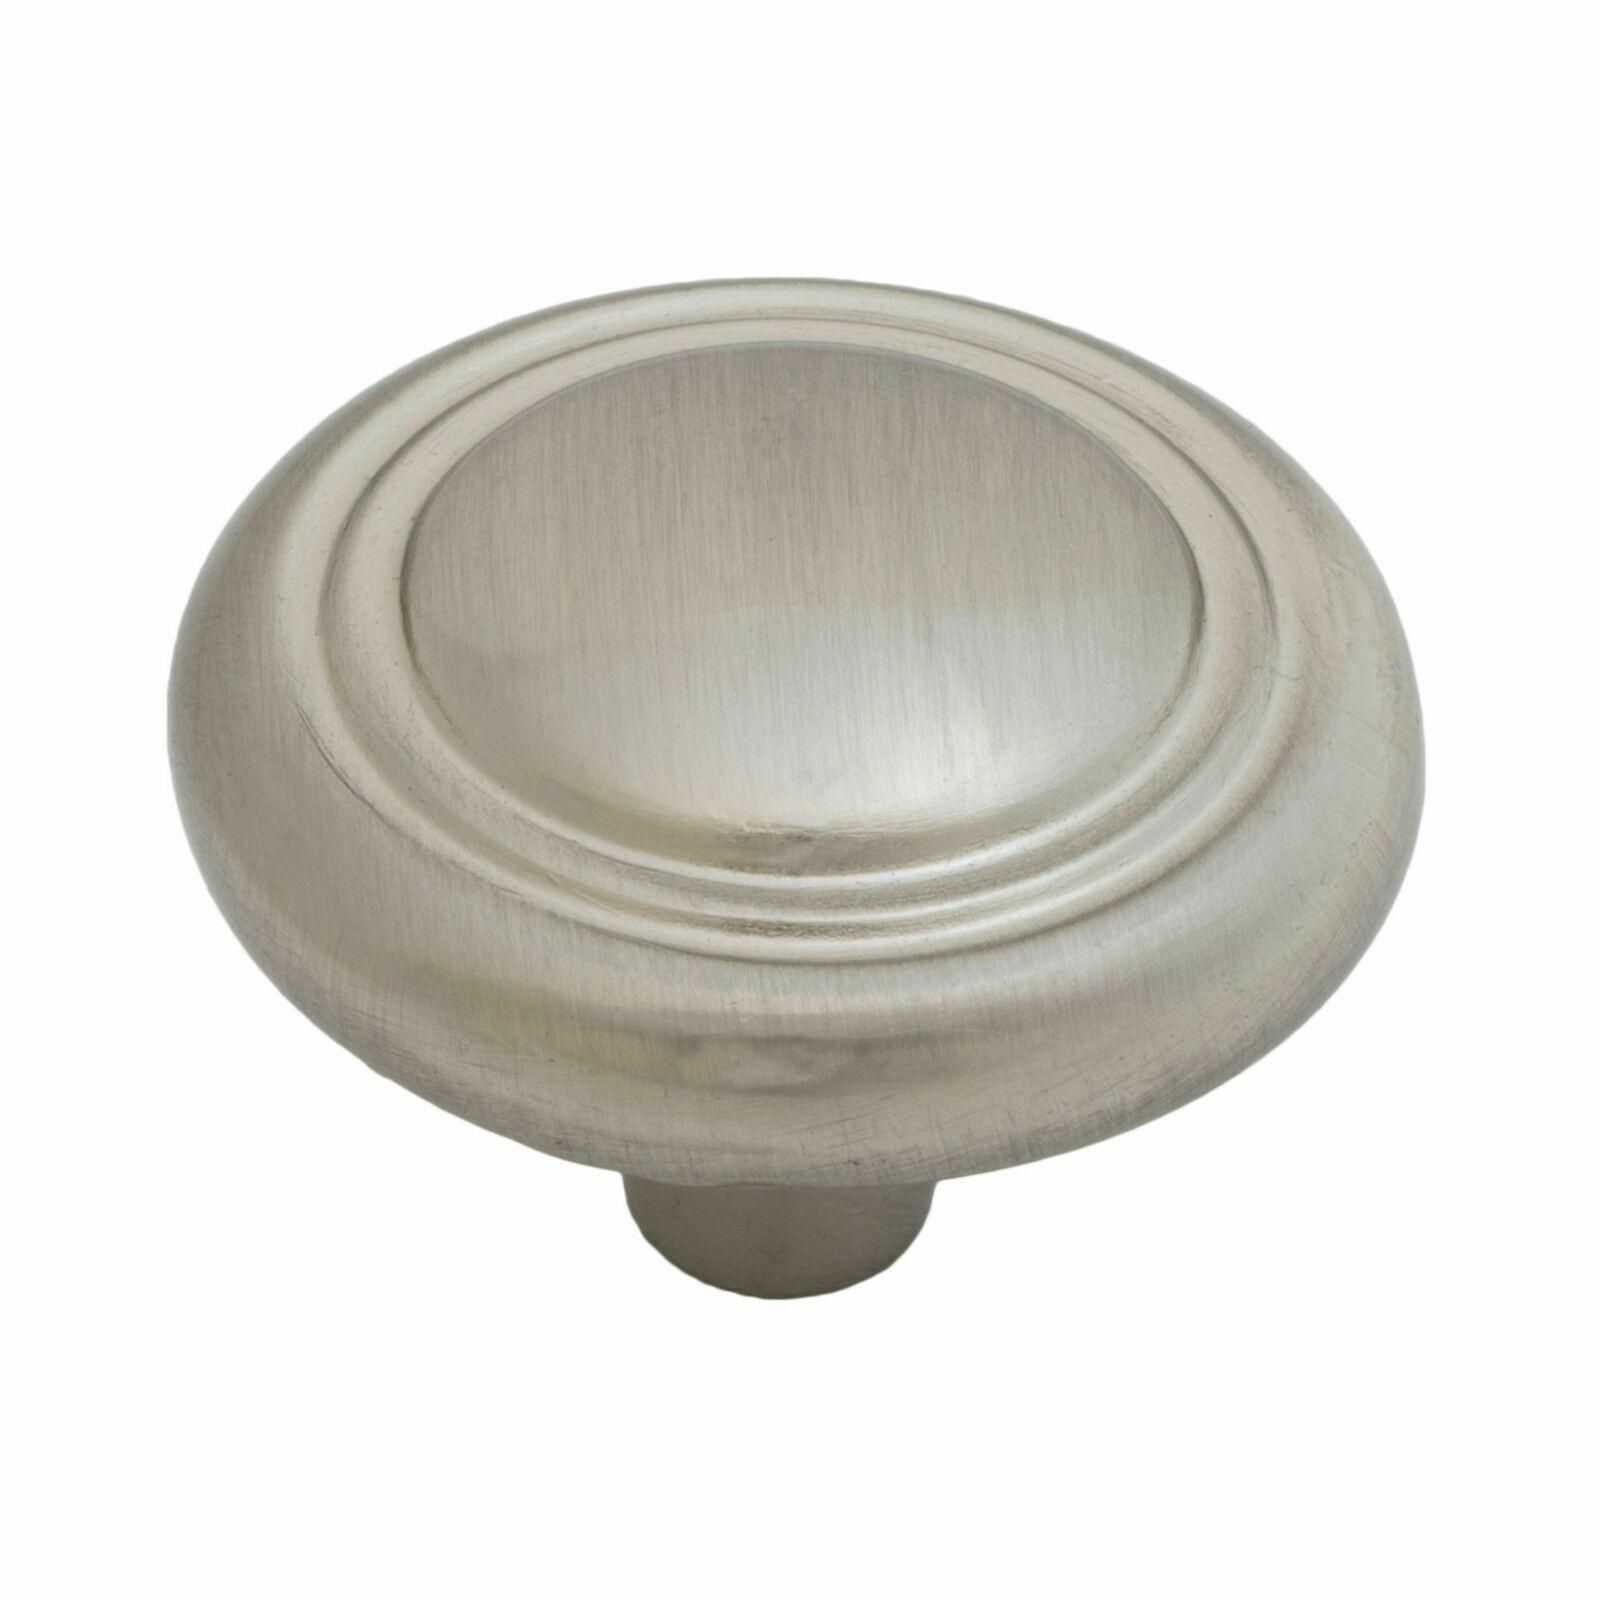 Button Rimmed Round Kitchen Cabinet Hardware Mushroom Knob 1 1/4″, Satin Nickel Building & Hardware